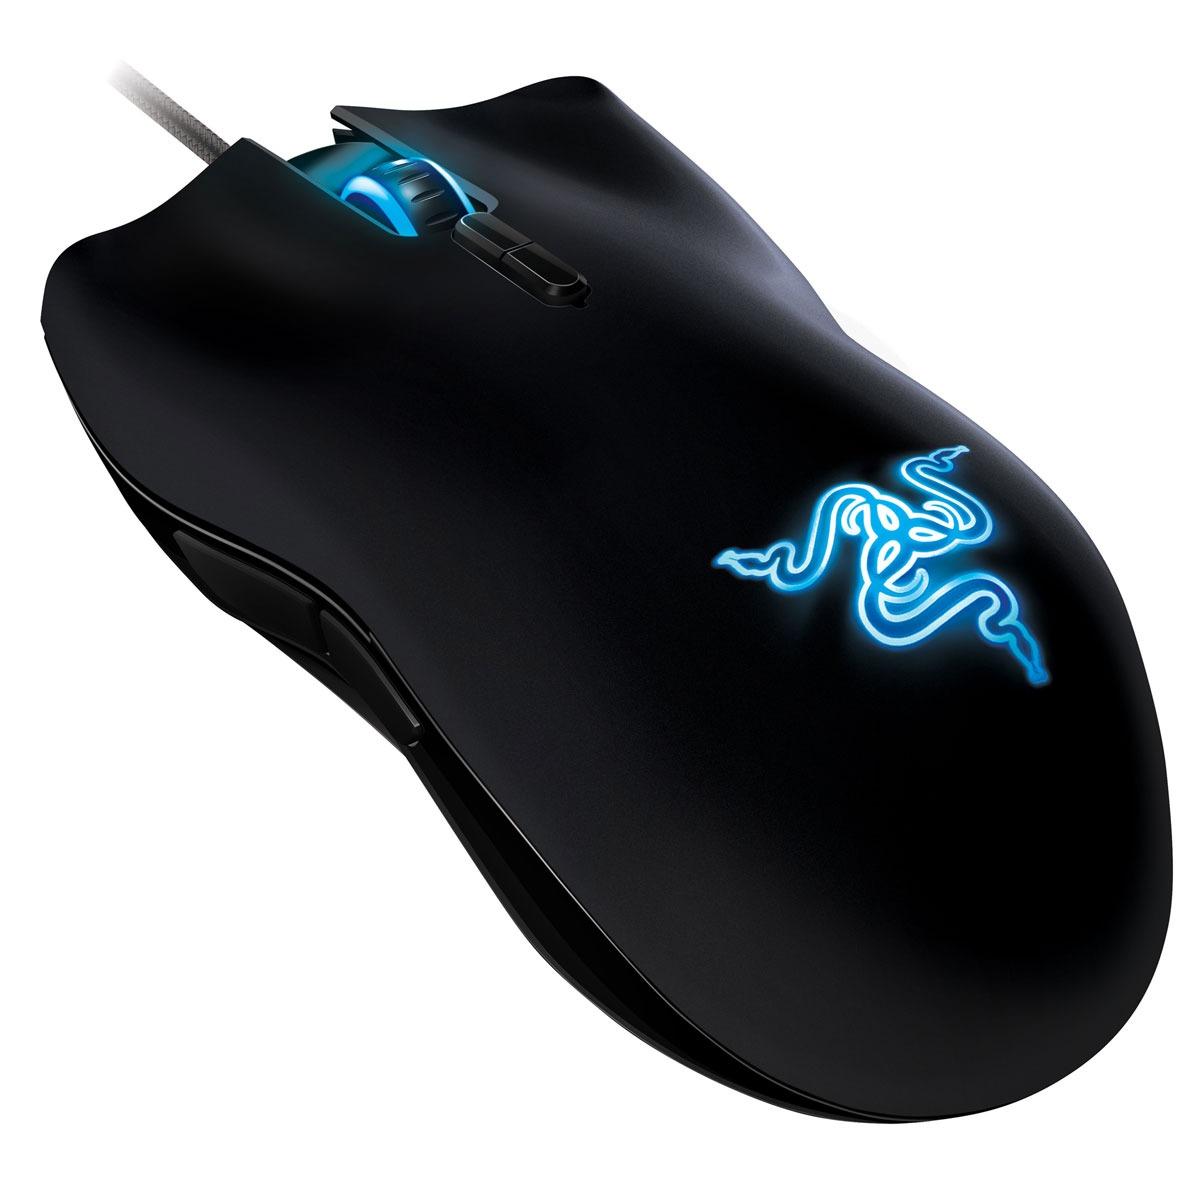 Razer lachesis refresh souris pc razer sur ldlc - Jeux de souris d ordinateur ...